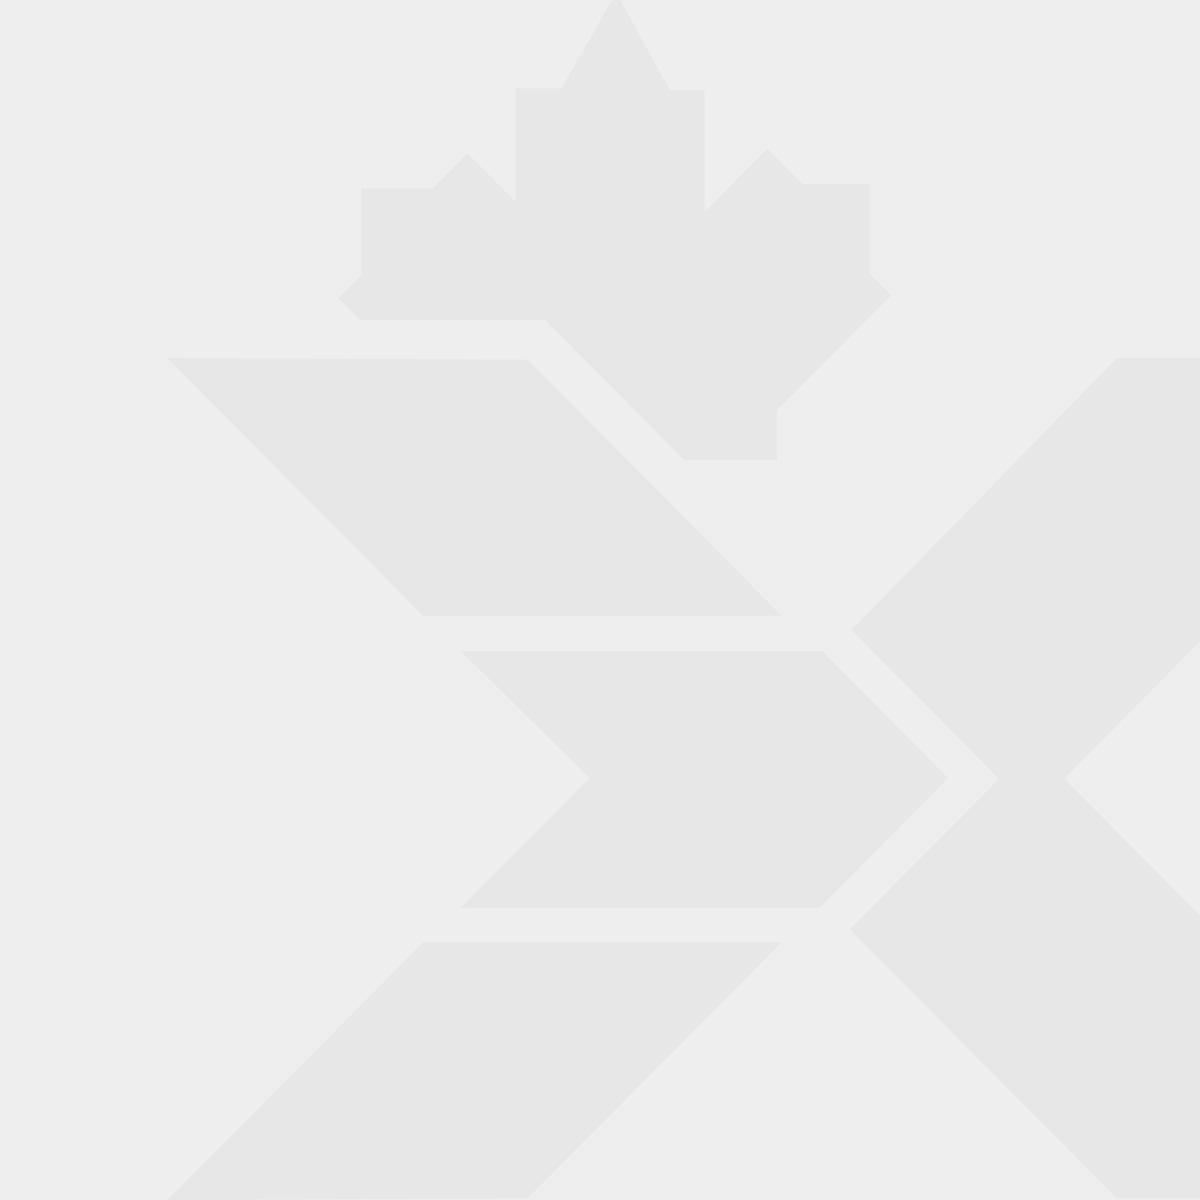 Tuque de l'Armée canadienne